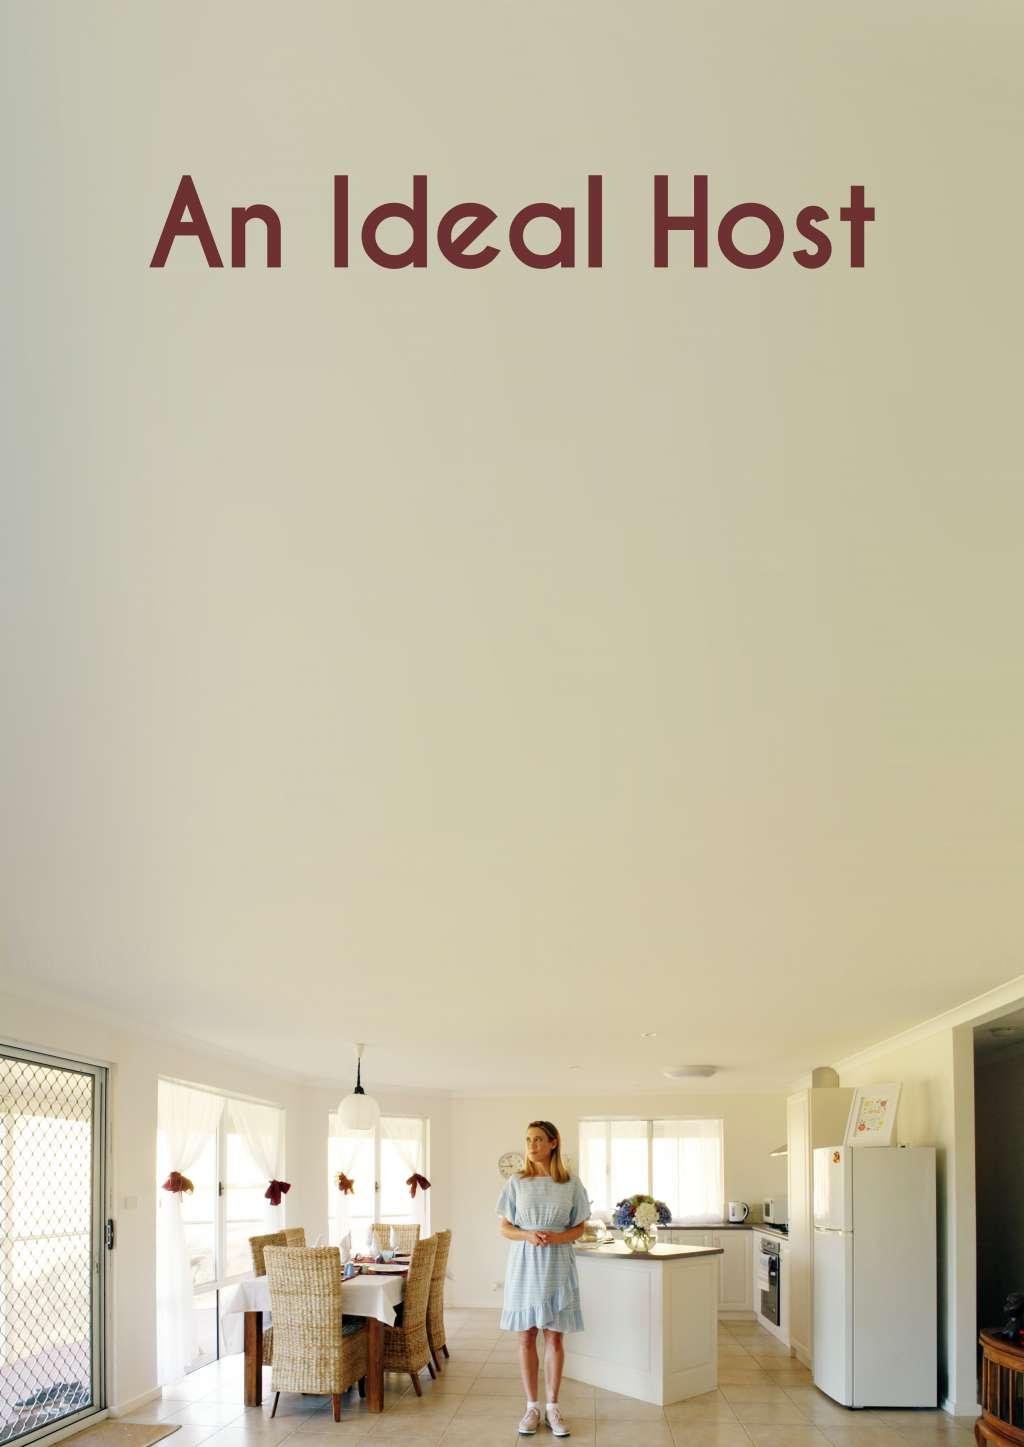 An Ideal Host kapak